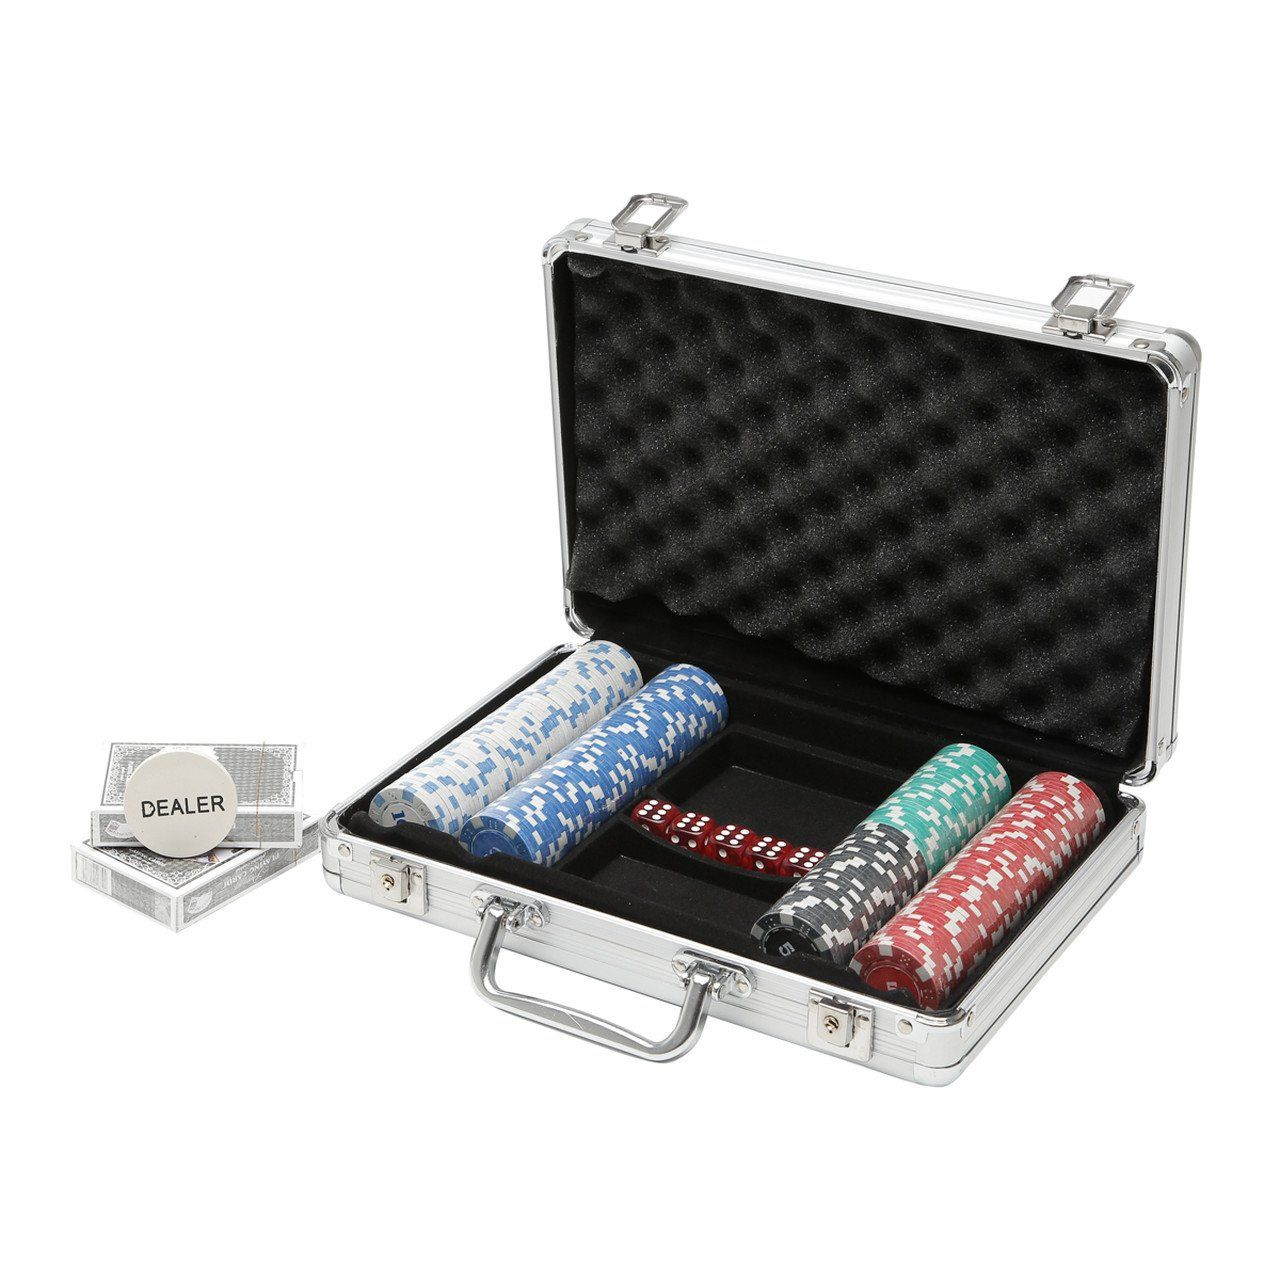 Jogo de Poker 200 fichas profissional com maleta de alumínio Prestige - 3211